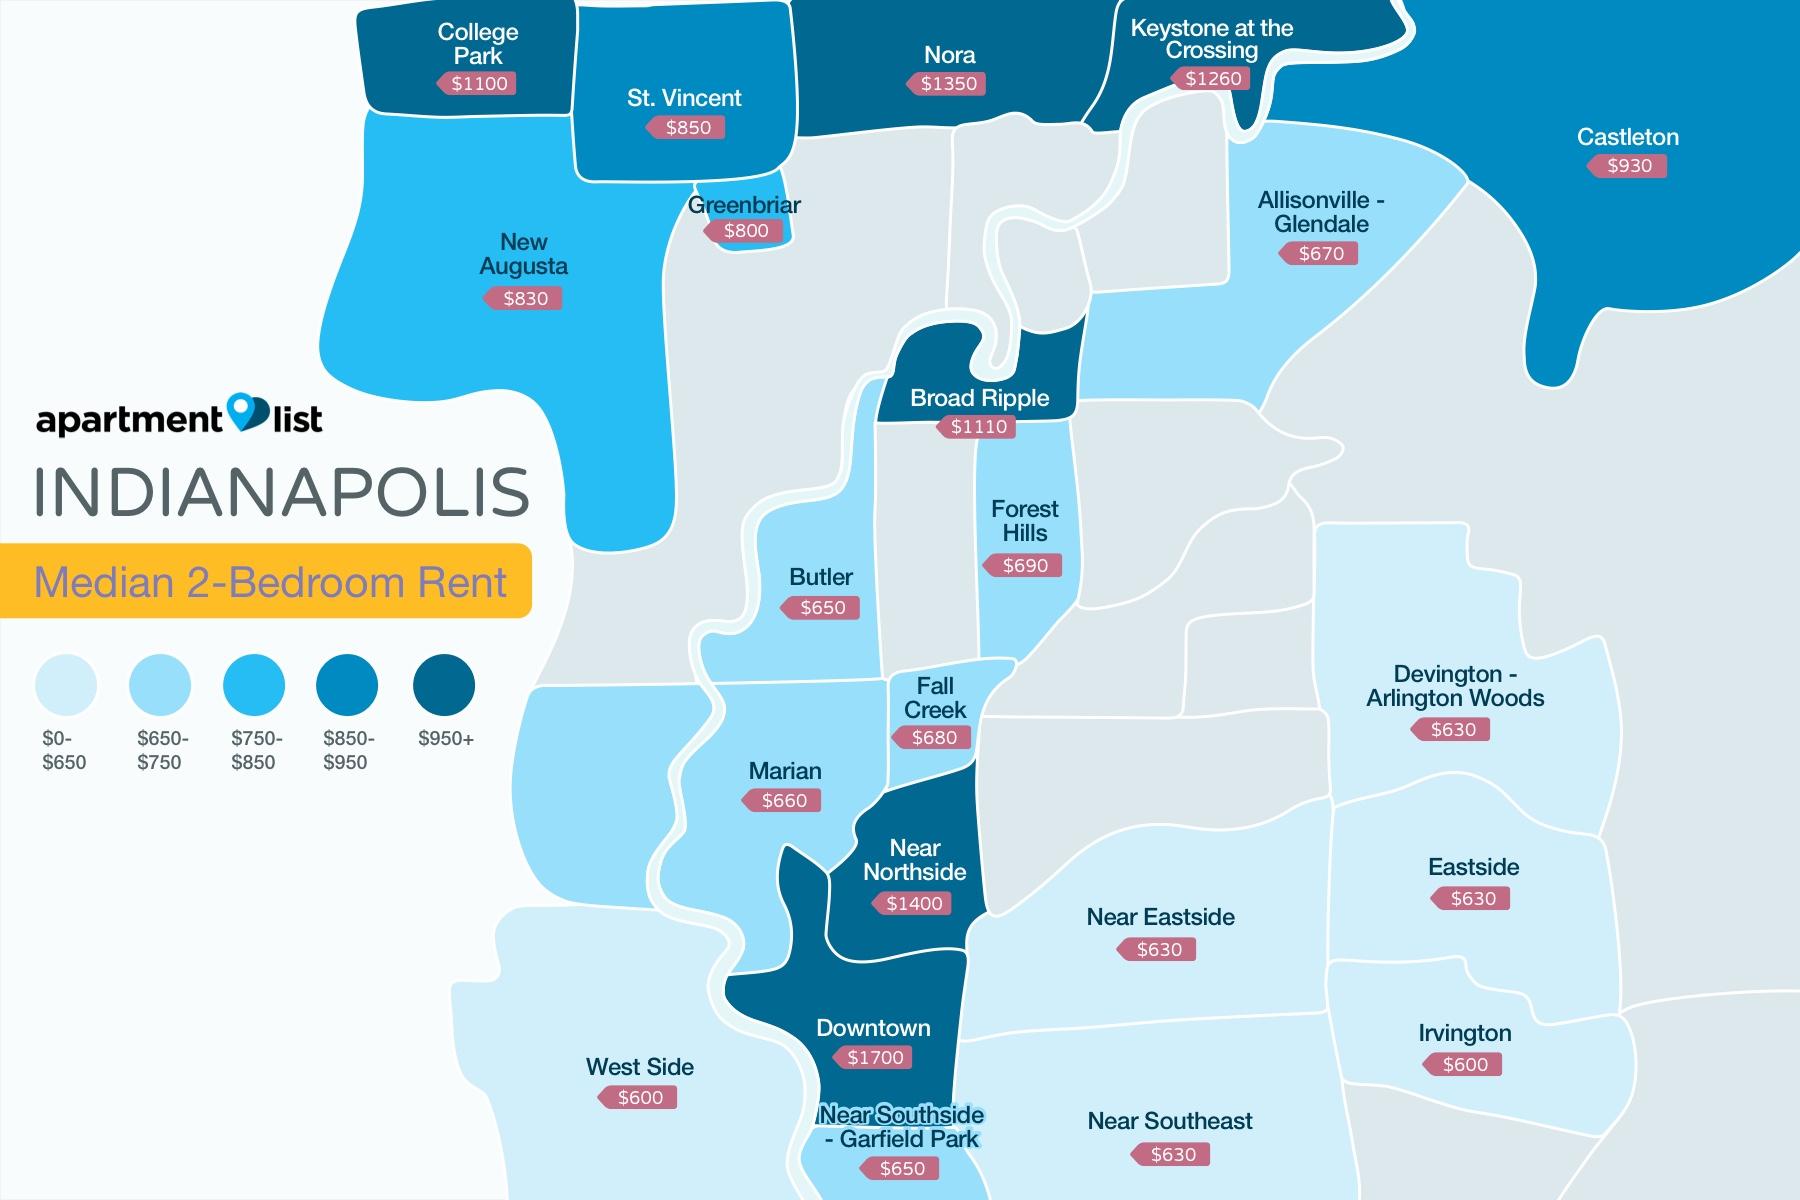 Indianapolis Neighborhood Price Map